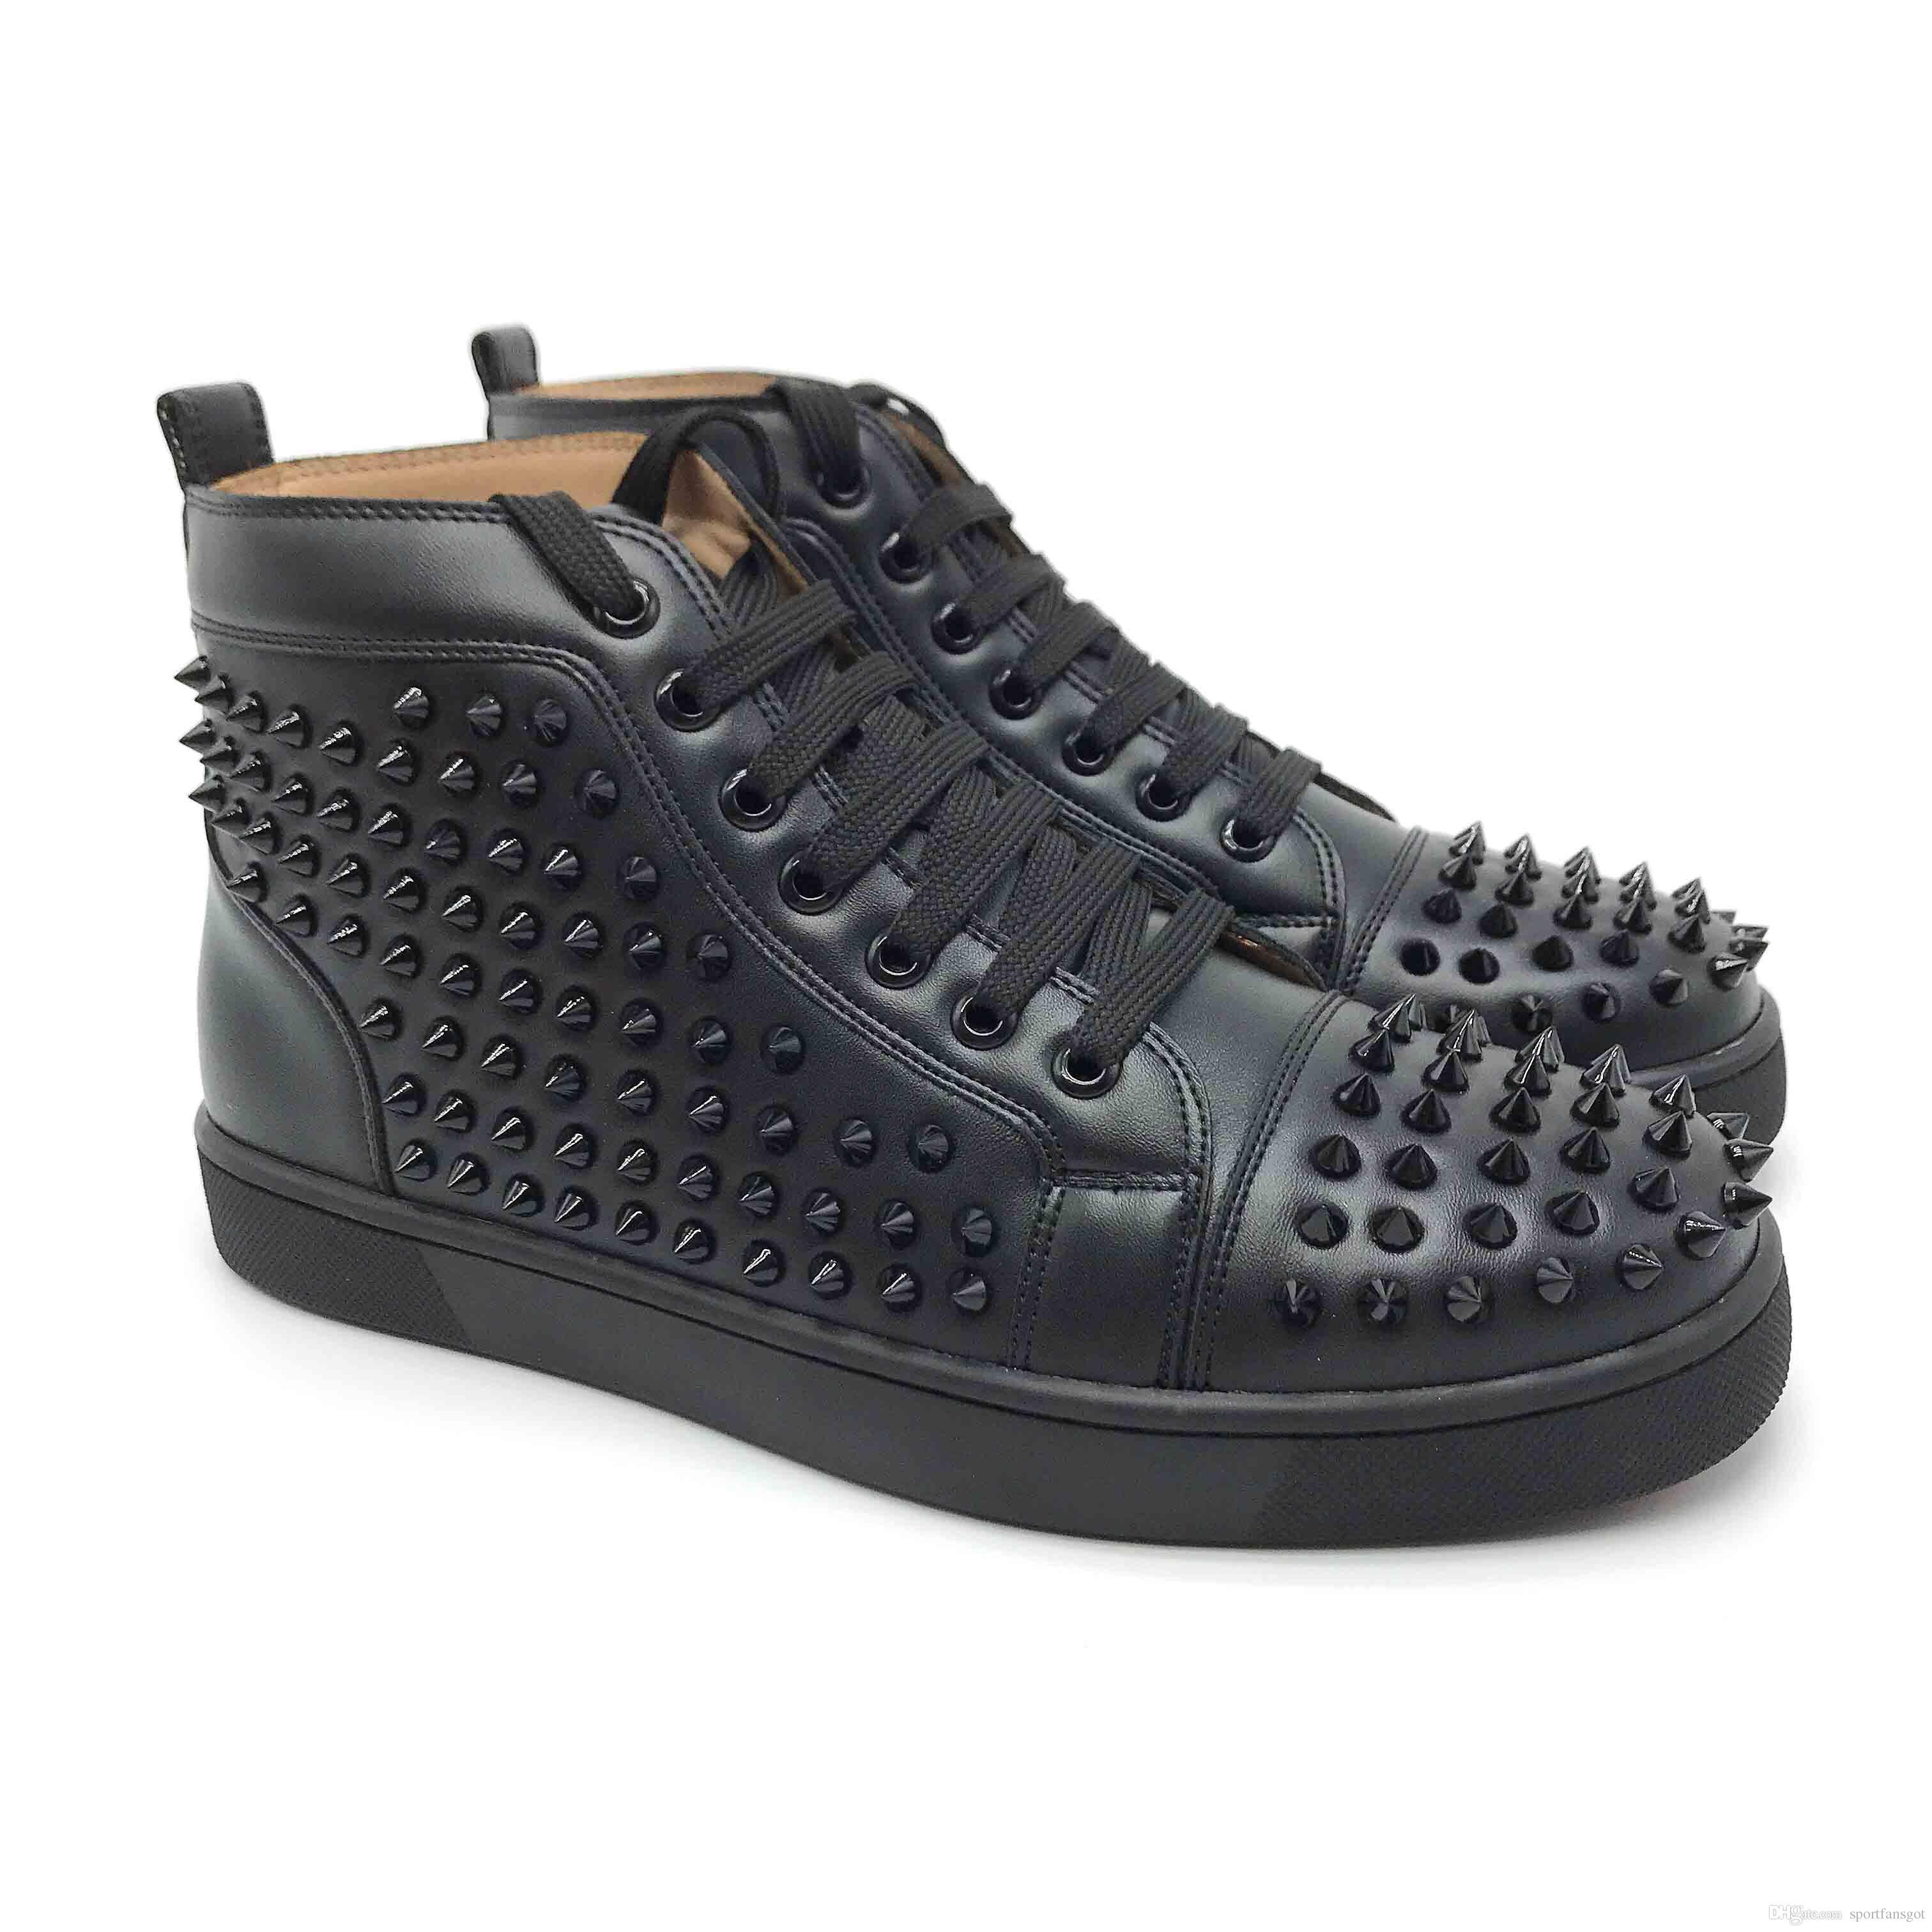 Bottom Designer Shoes Big Size Eur47